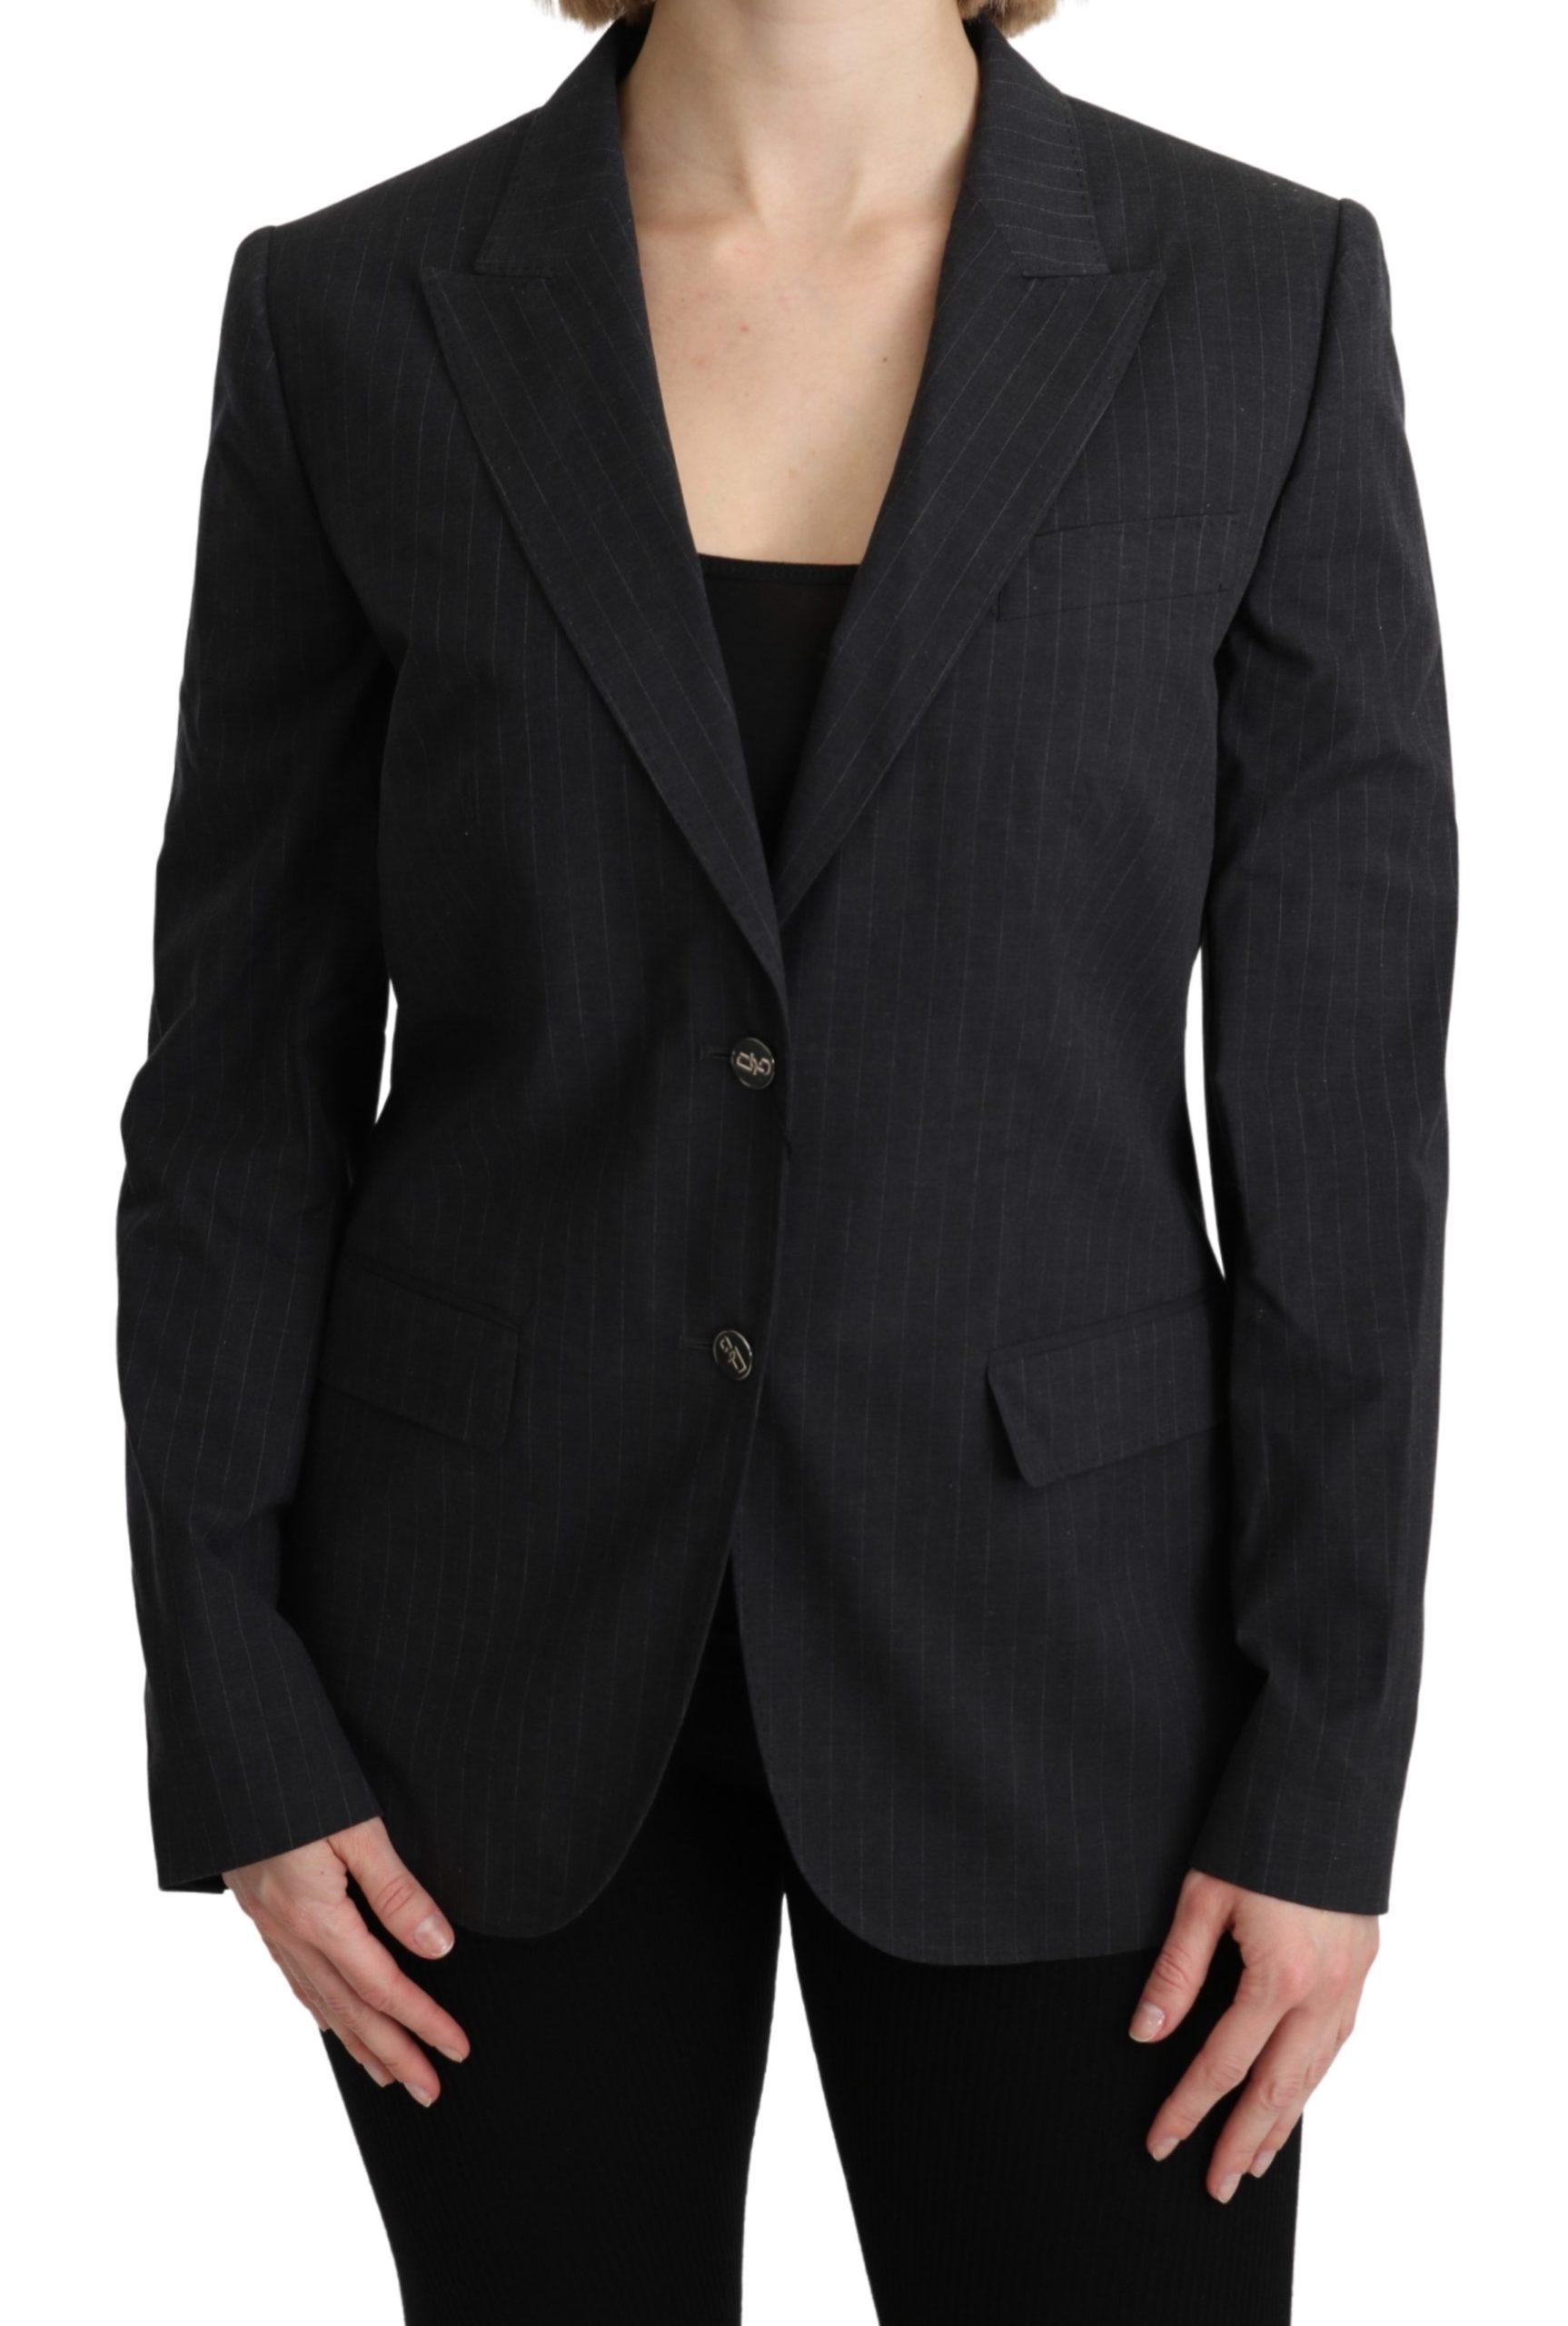 Dolce & Gabbana Women's Single Breasted Blazer Jacket Gray KOS1795 - IT44|L